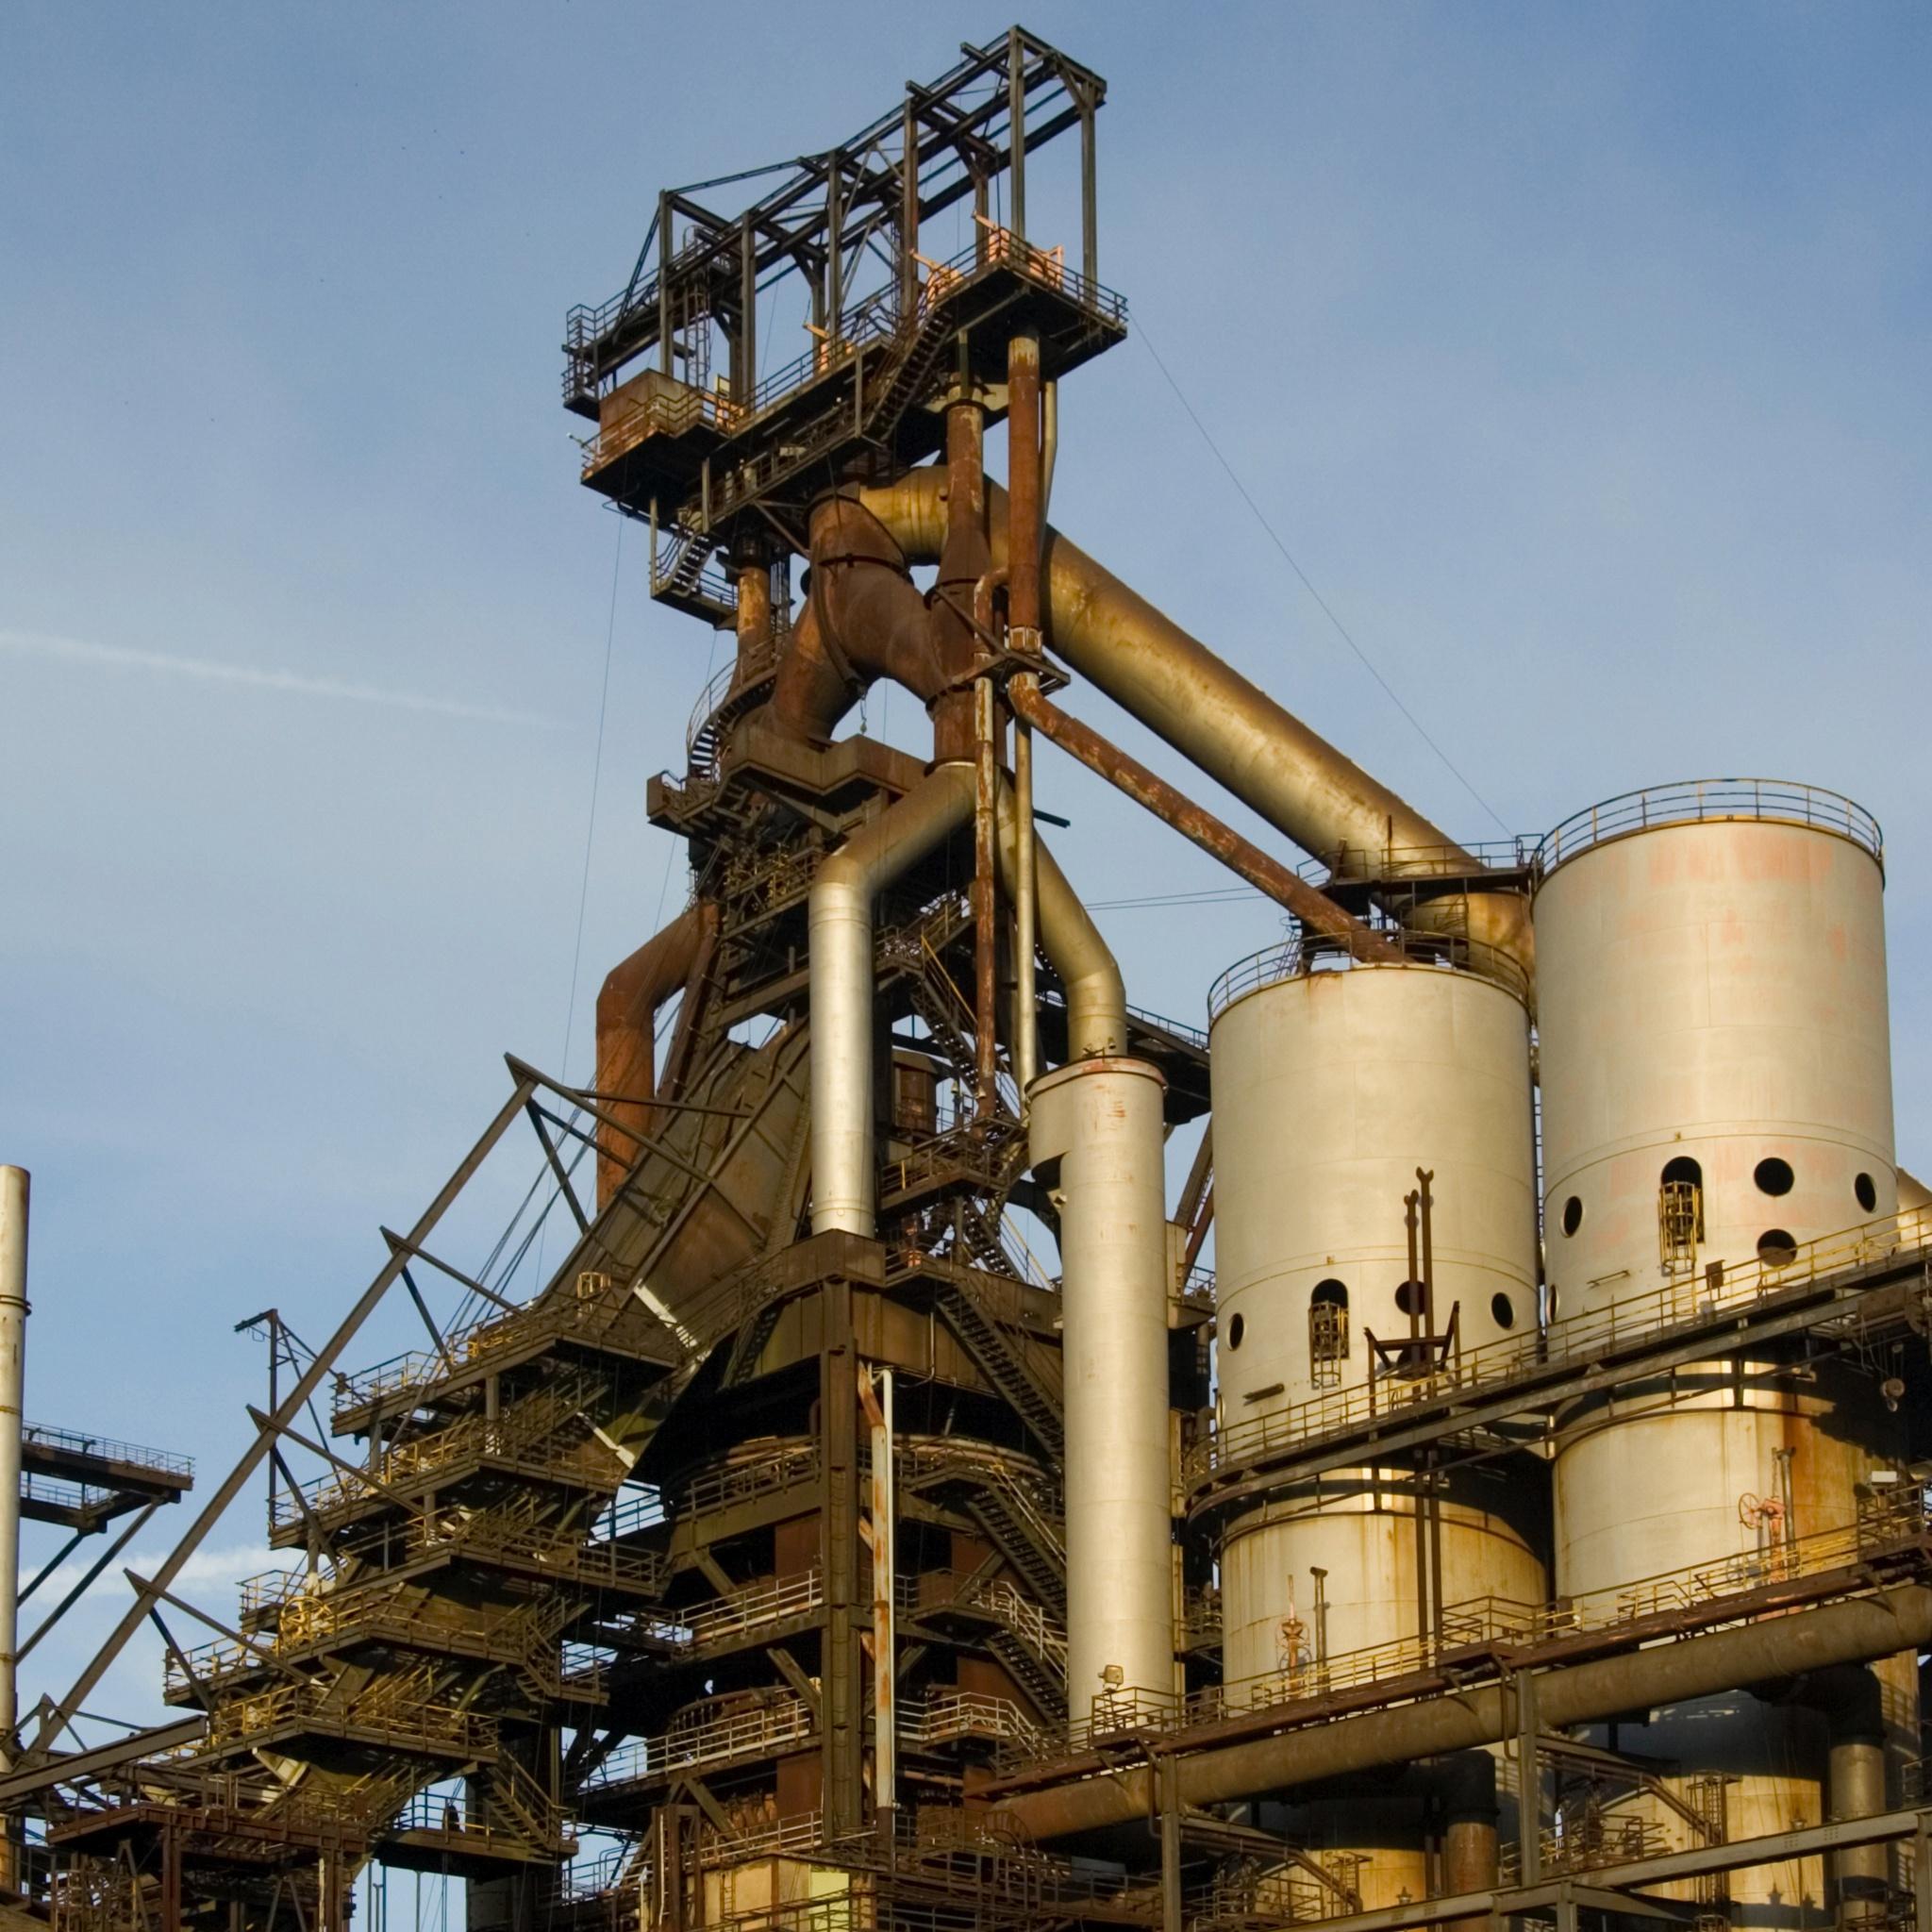 industrial320_1_of_4.jpg